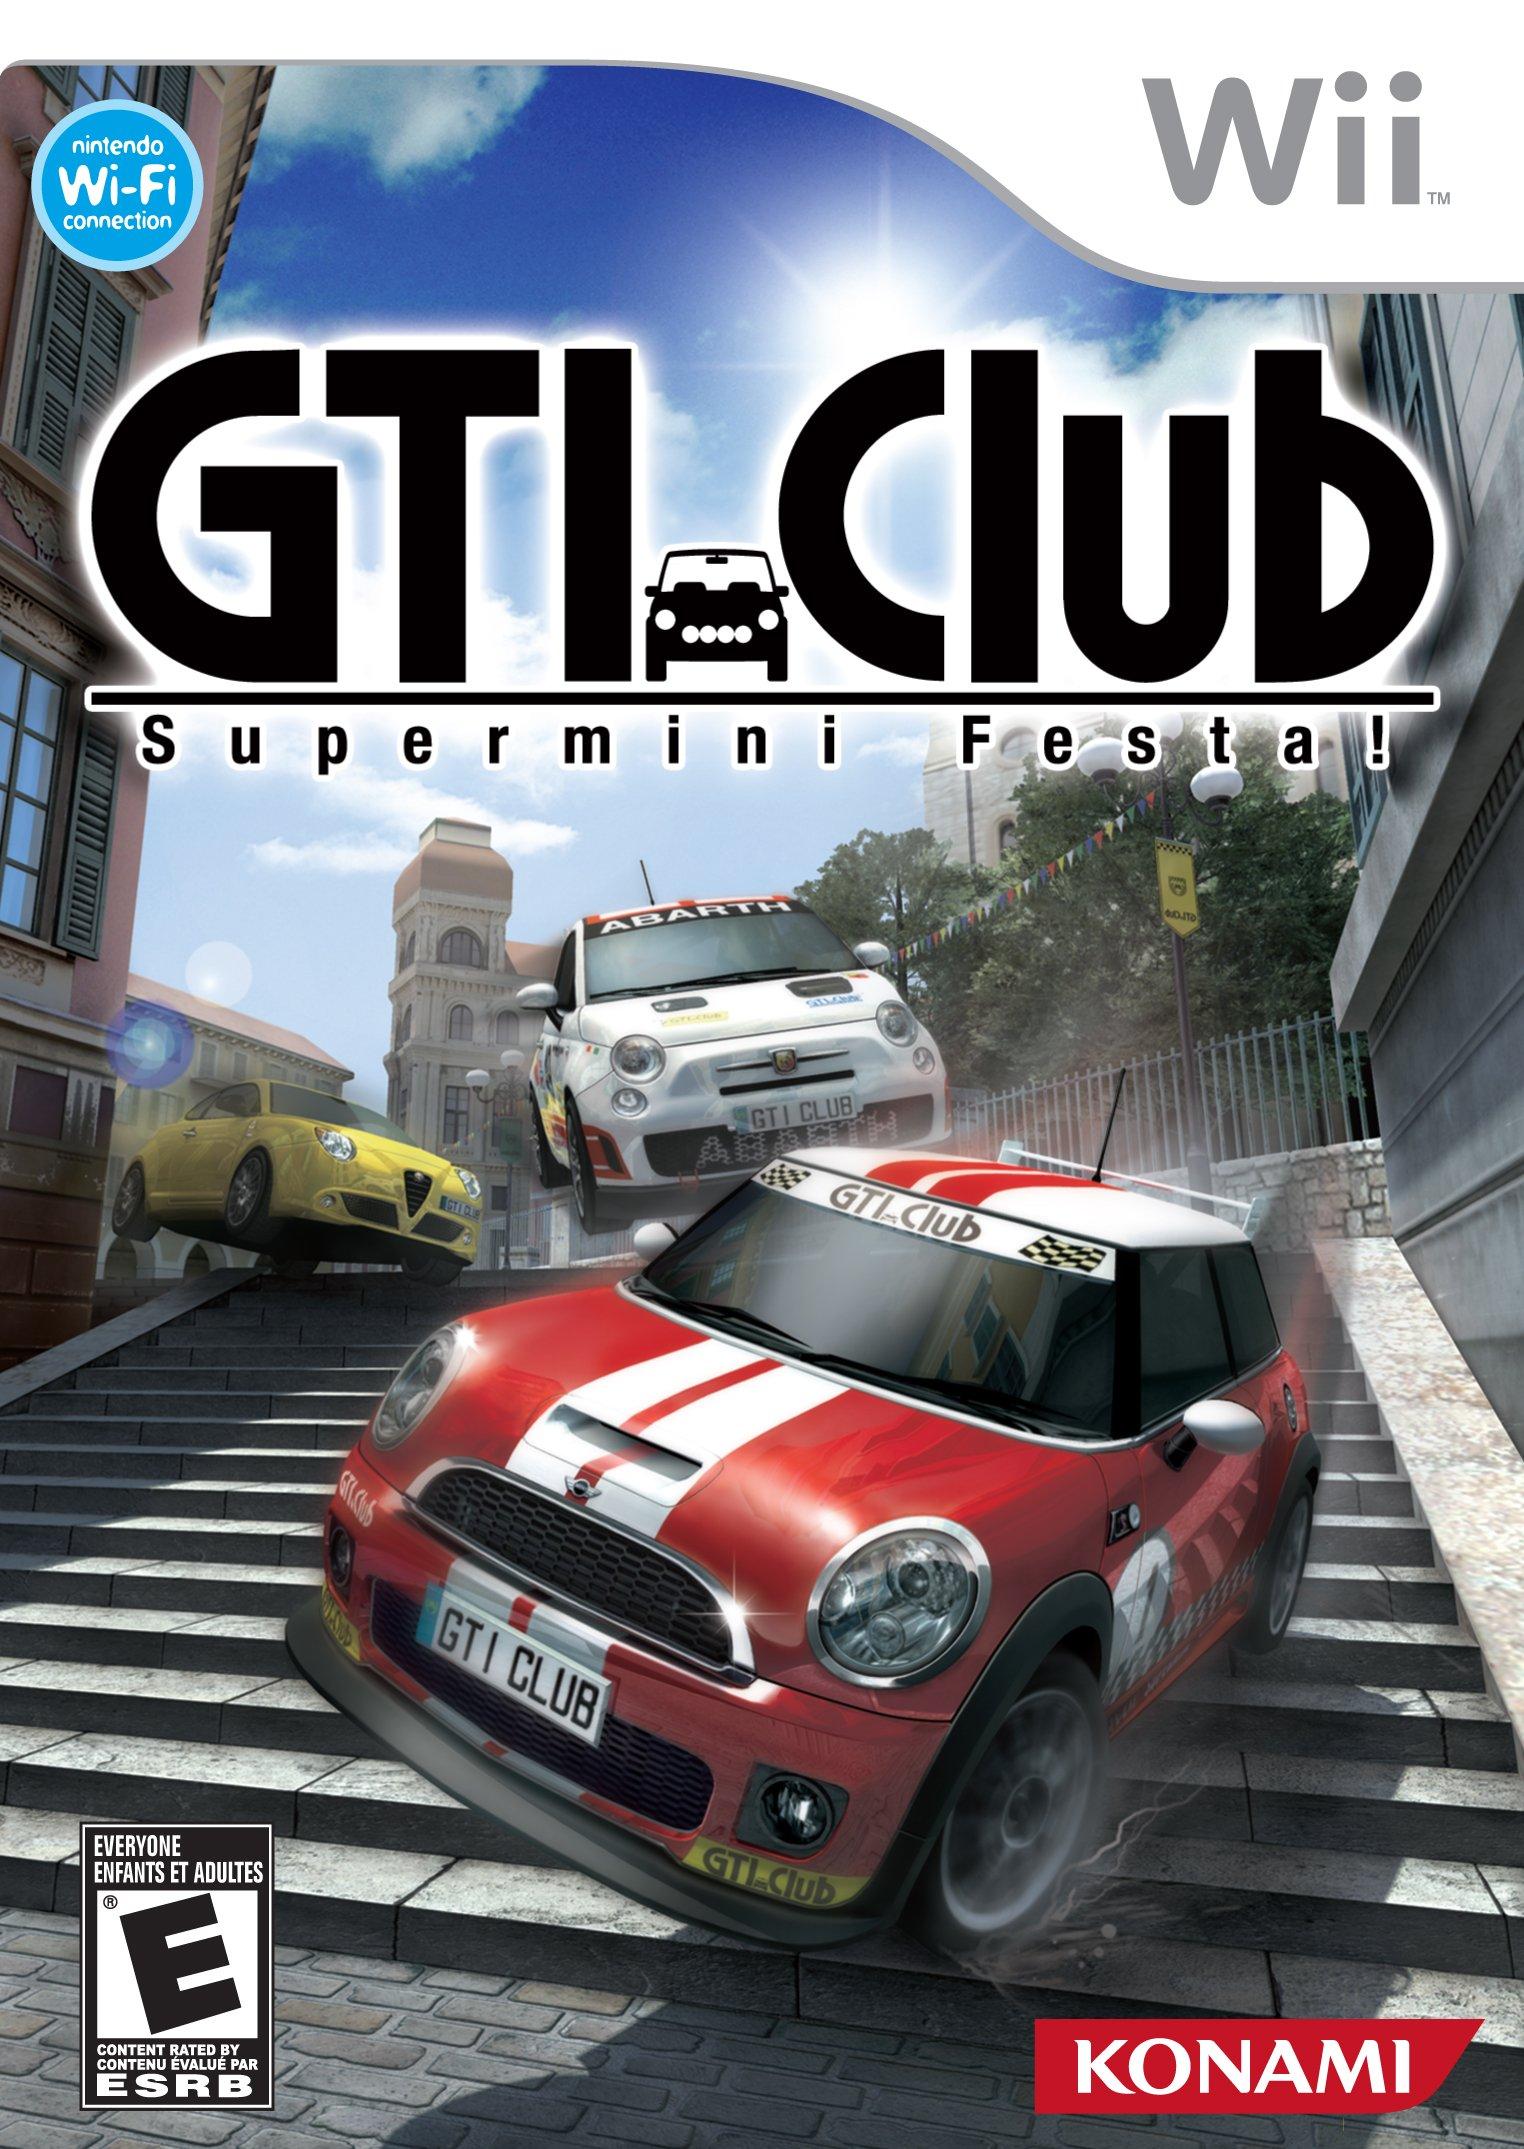 GTI Club Supermini Festa Release Date Wii